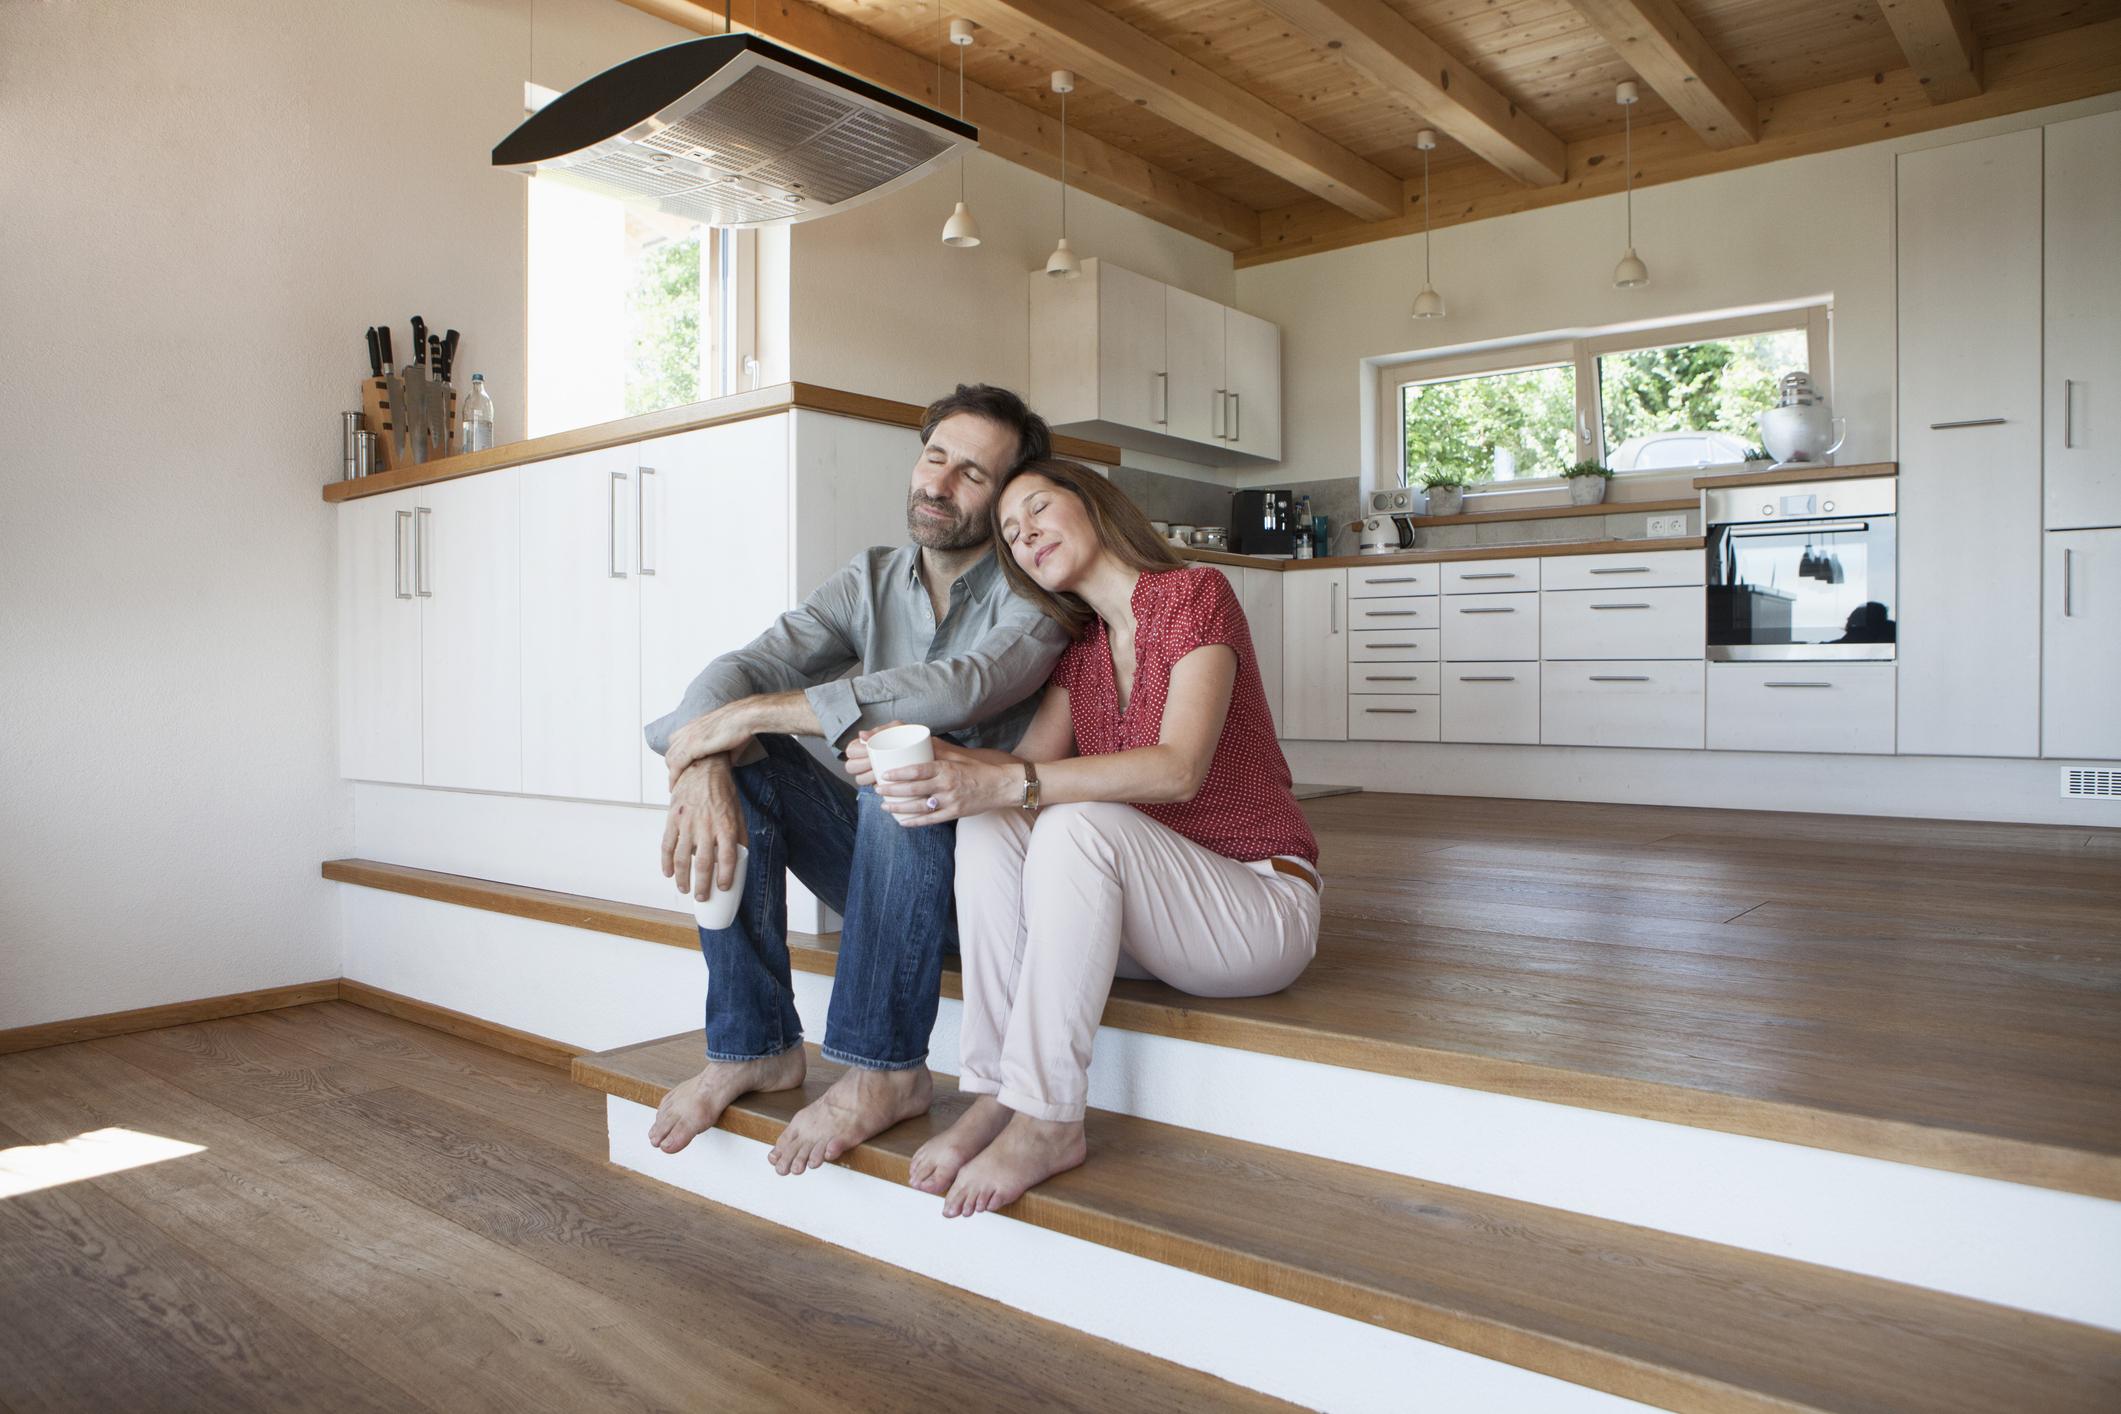 von w lfing immobilien gmbh privat gewerblich. Black Bedroom Furniture Sets. Home Design Ideas